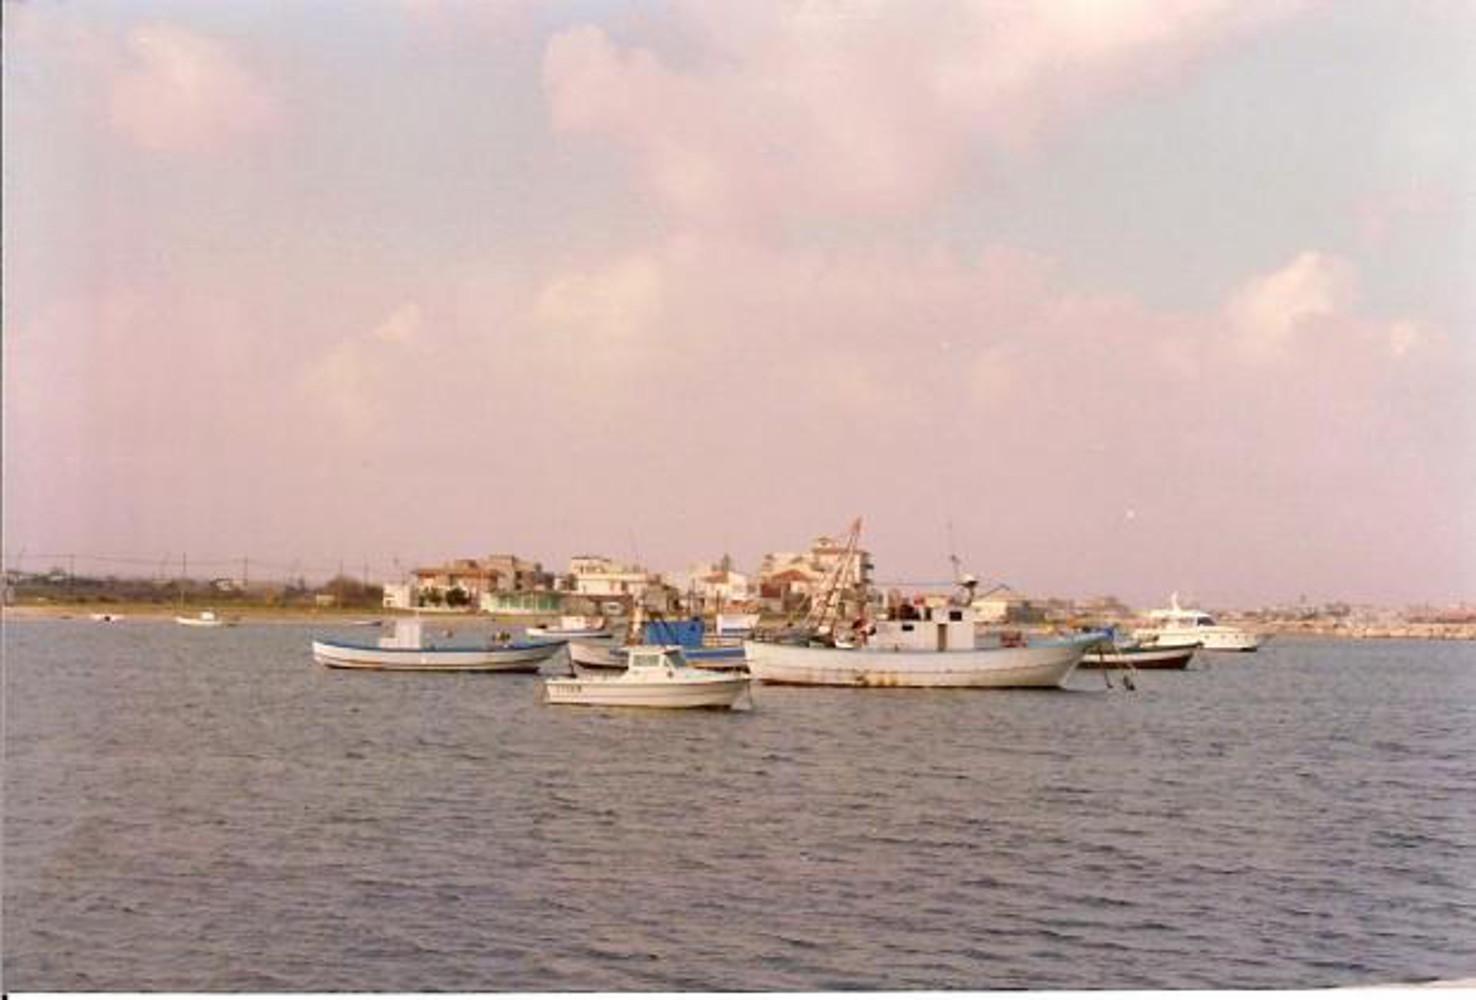 Boats in Sicily, Boat, Sea, Sicily, HQ Photo